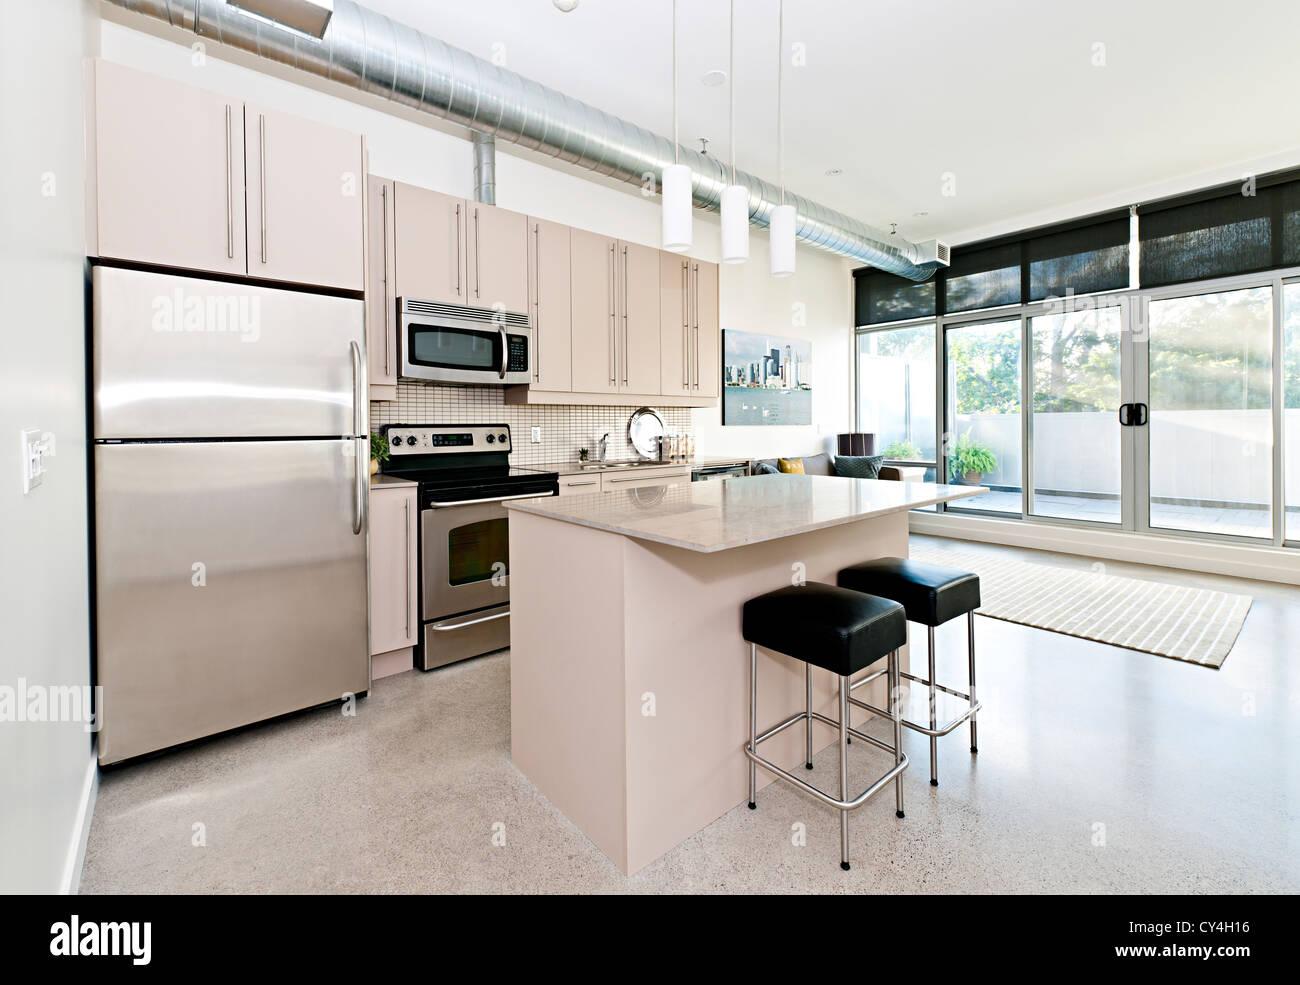 Küche und Wohnzimmer der Loft-Wohnung - Kunstwerk aus Fotograf portfolio Stockbild